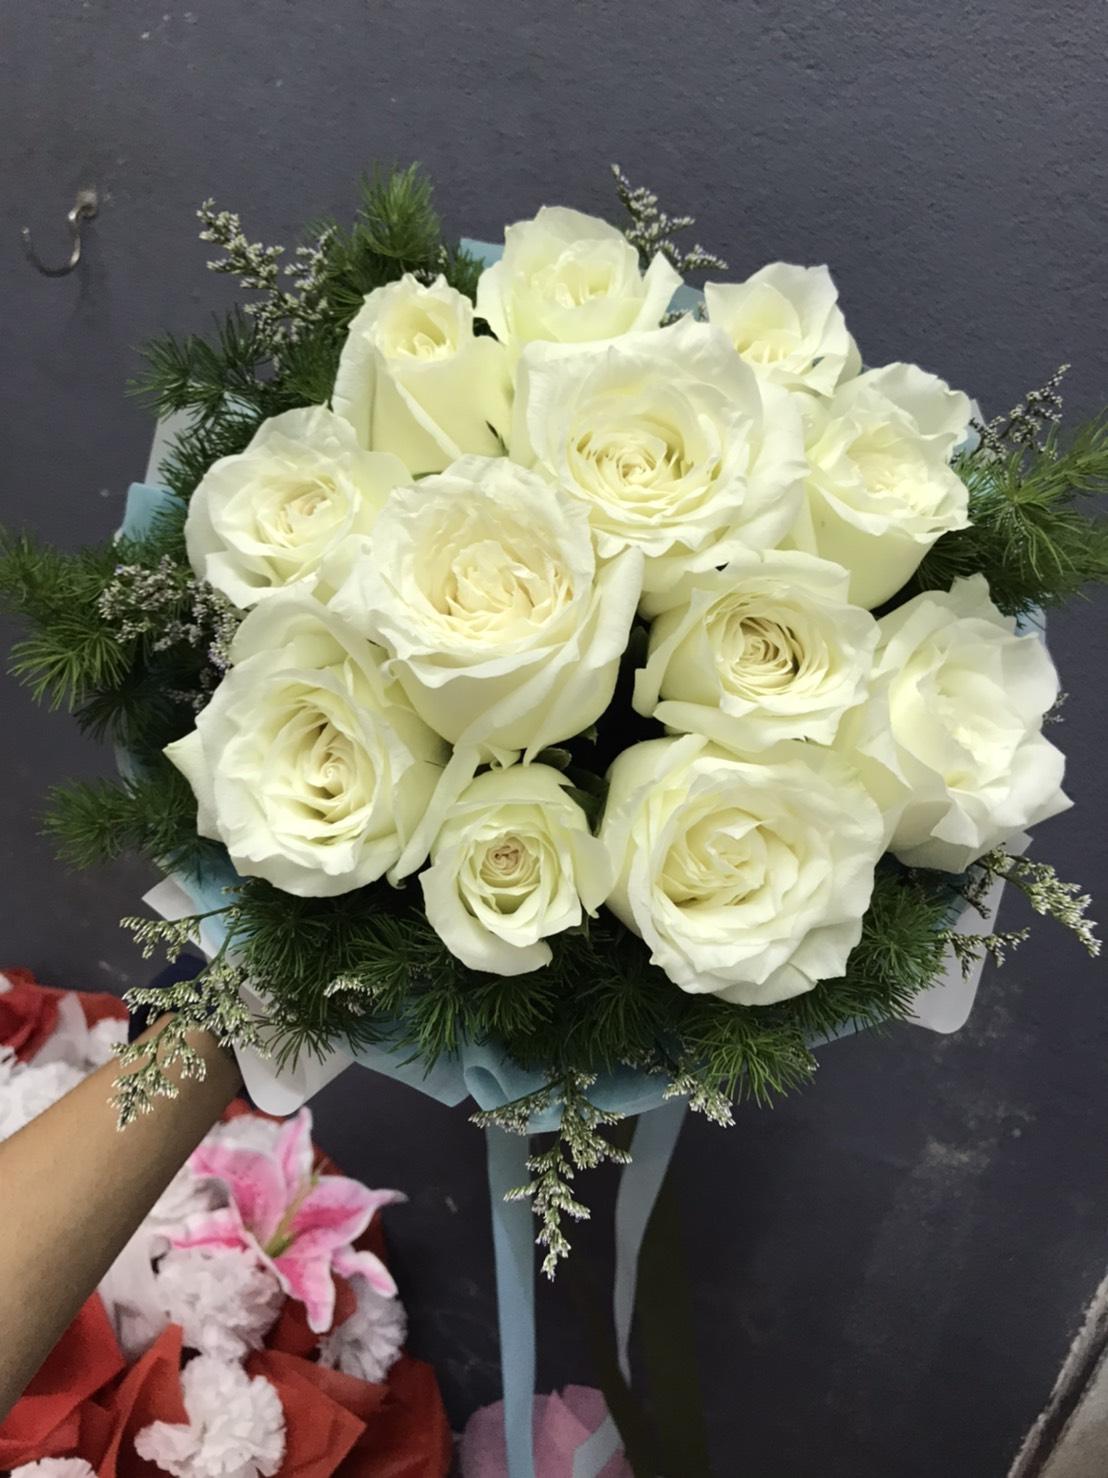 ช่อดอกไม้สีขาวนวลยอดนิยม ประกอบด้วยกุหลาบสีขาวล้วน 12 ดอก